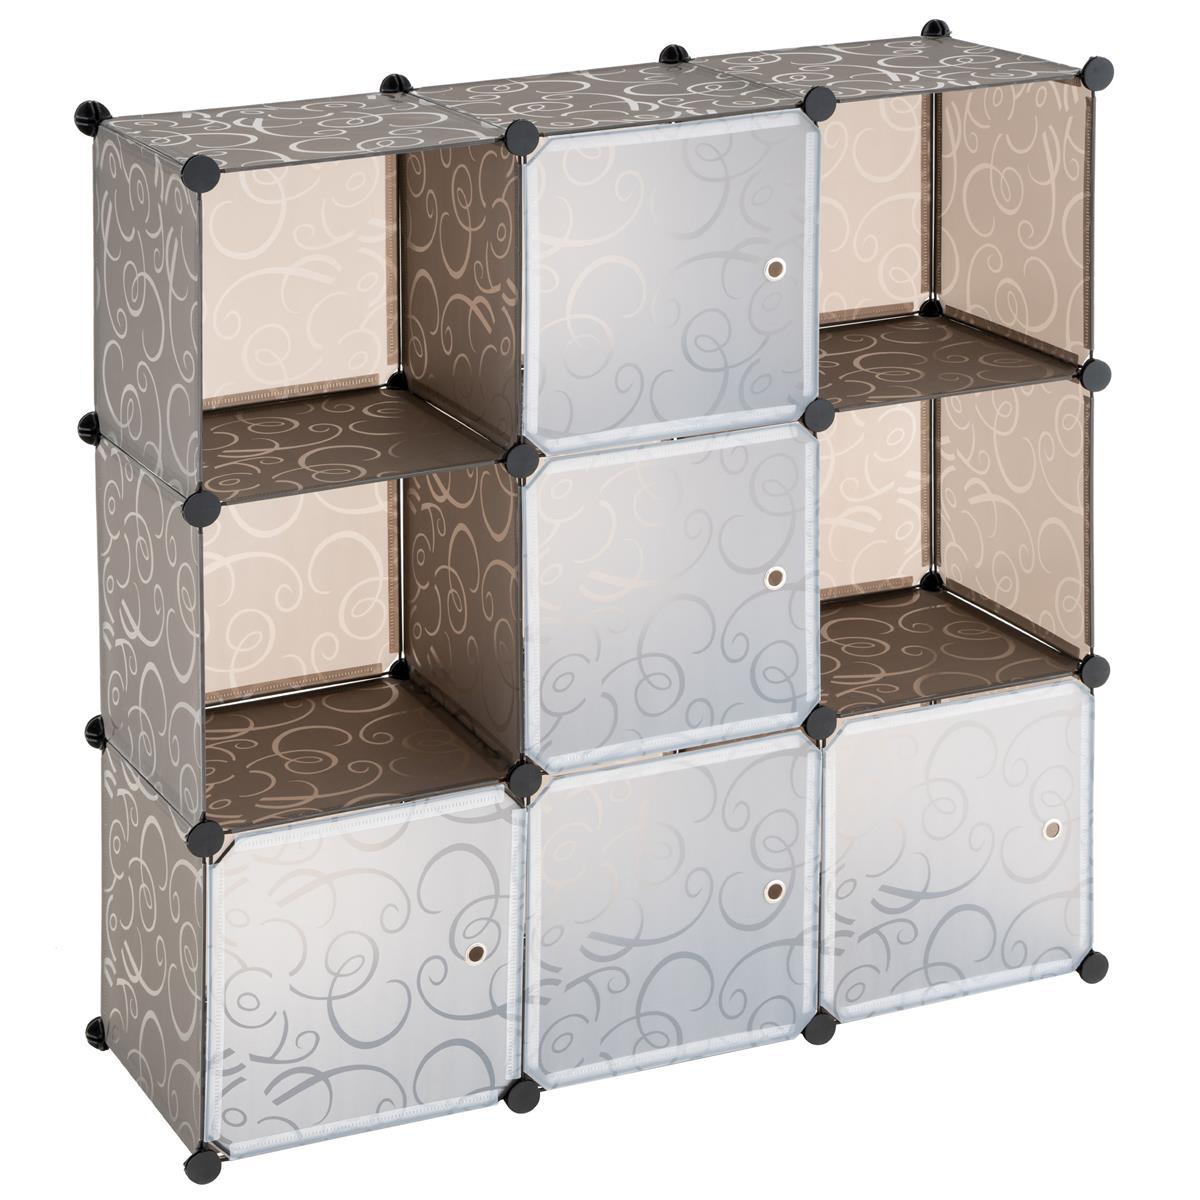 Steckregalsystem braun 108x110x37cm mit Ablagefächern und Türen DIY erweiterbar